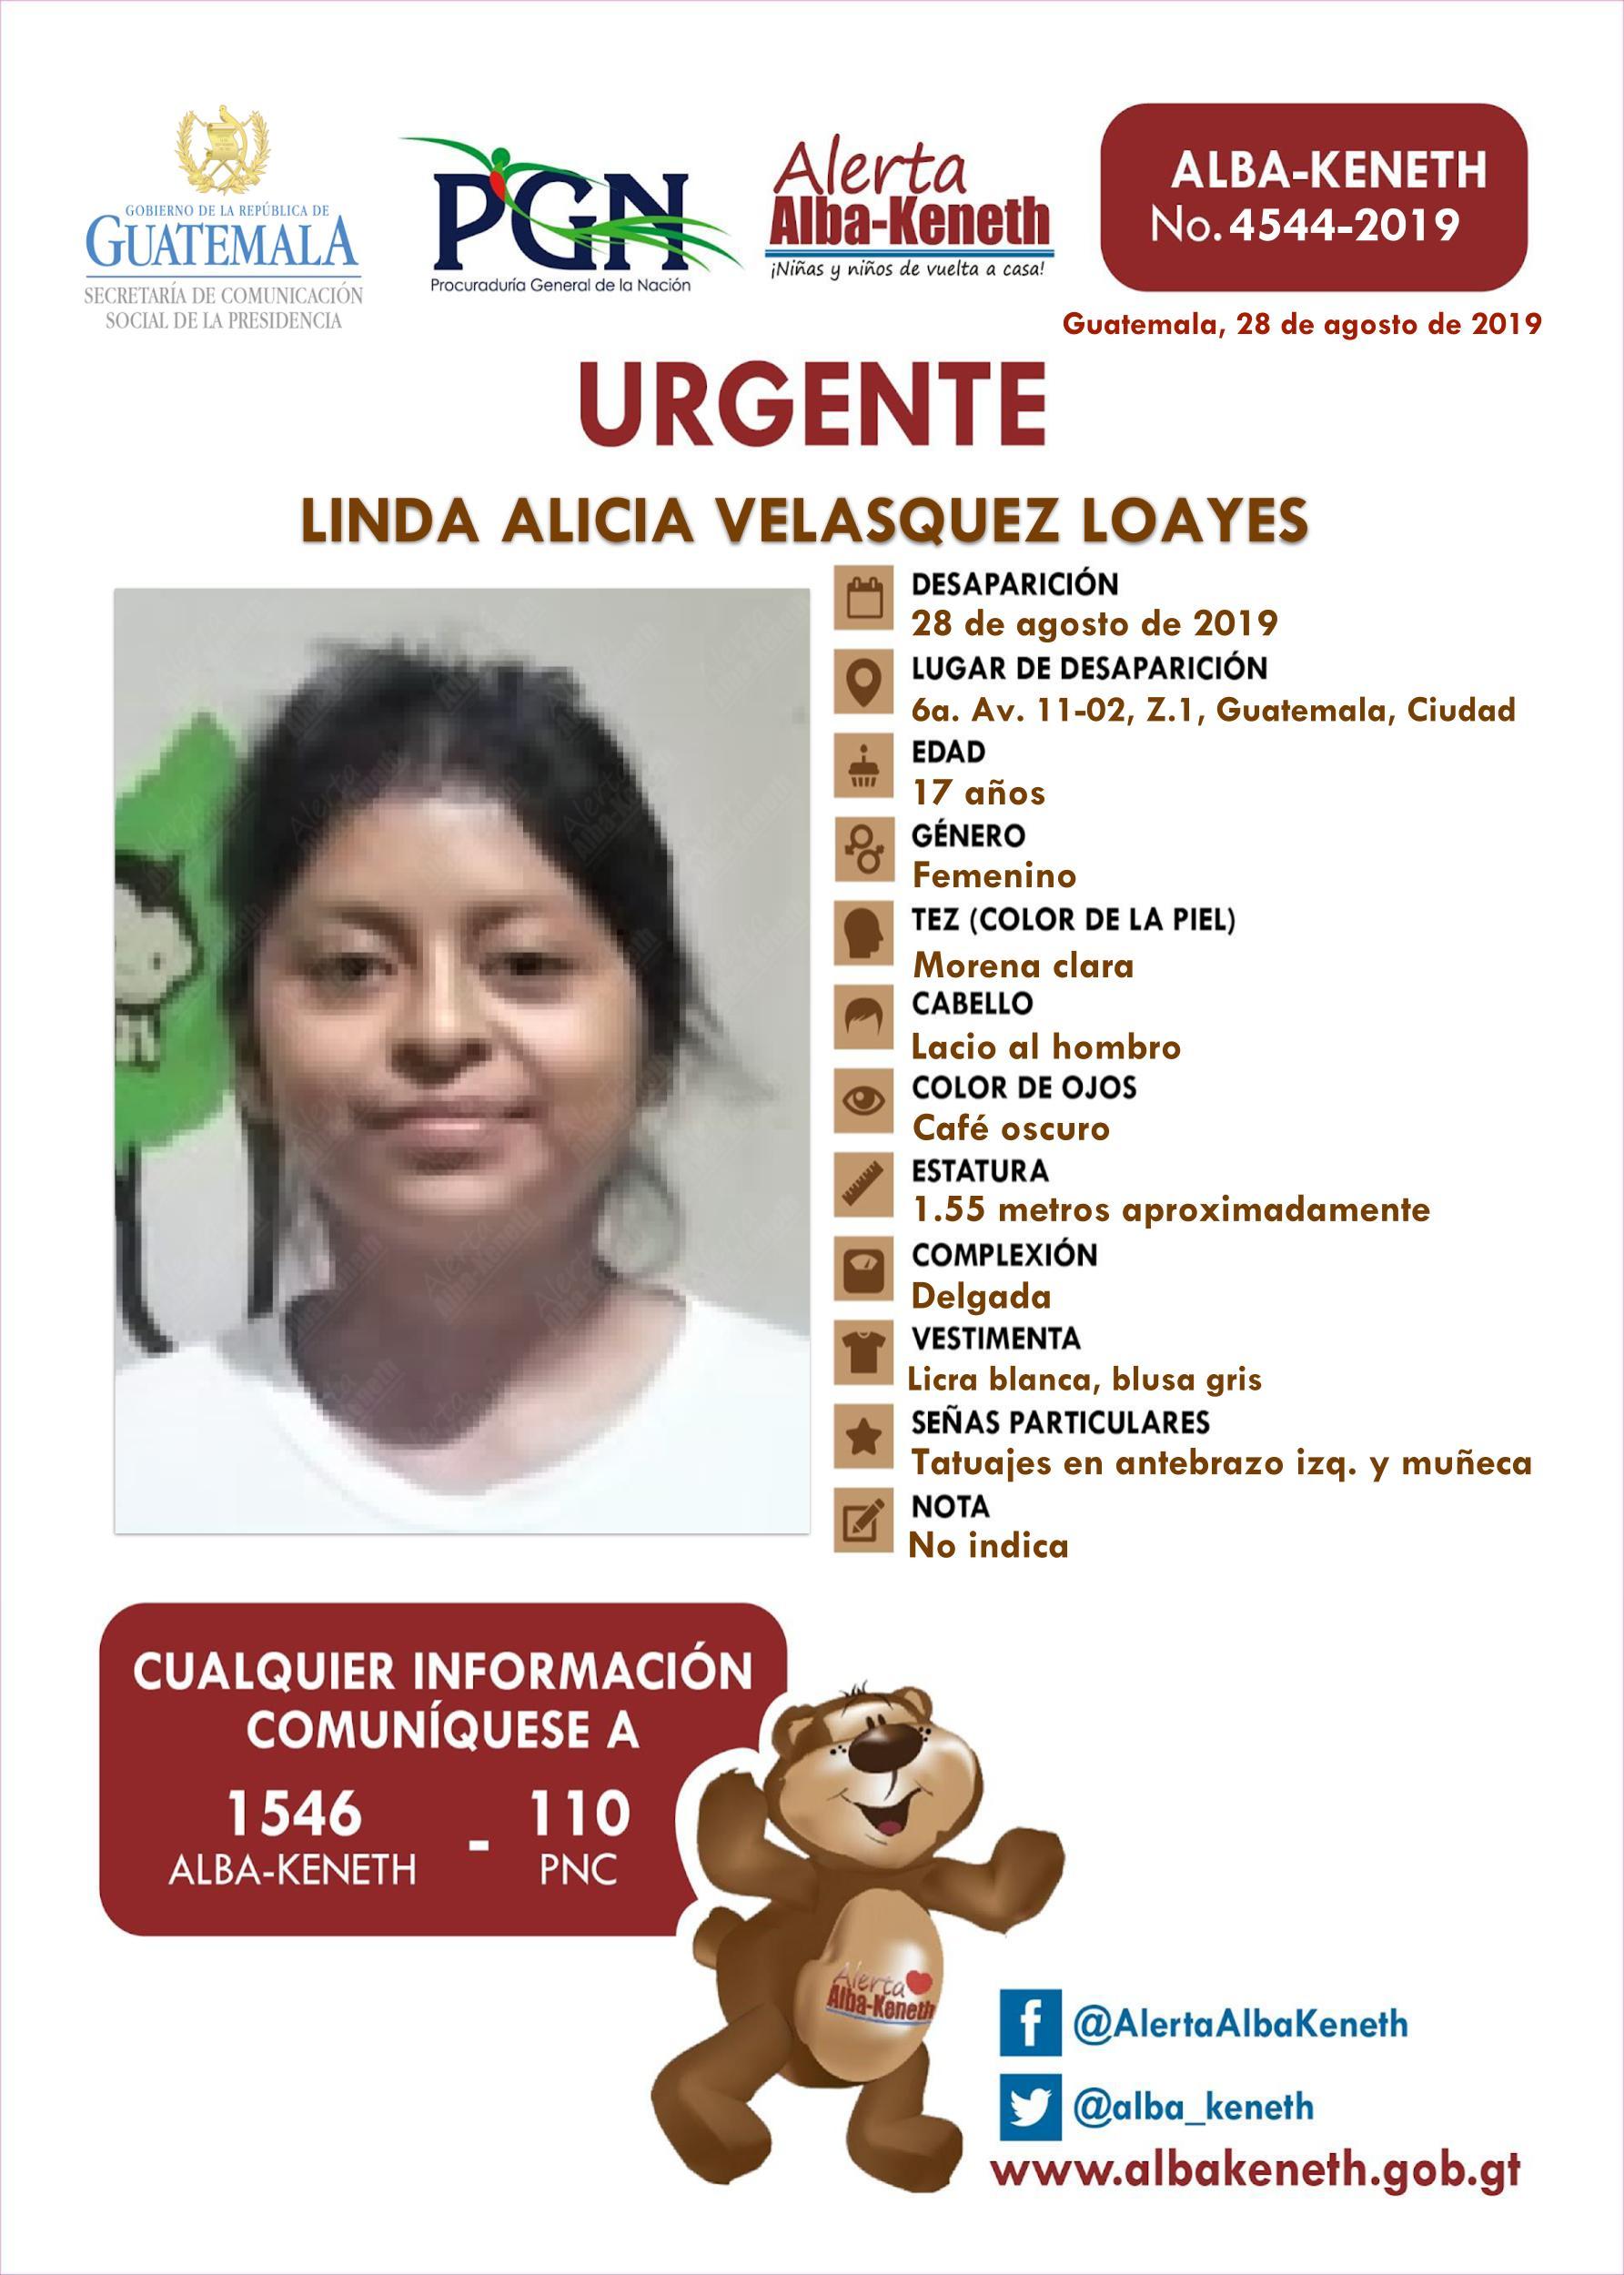 Linda Alicia Velasquez Loayes